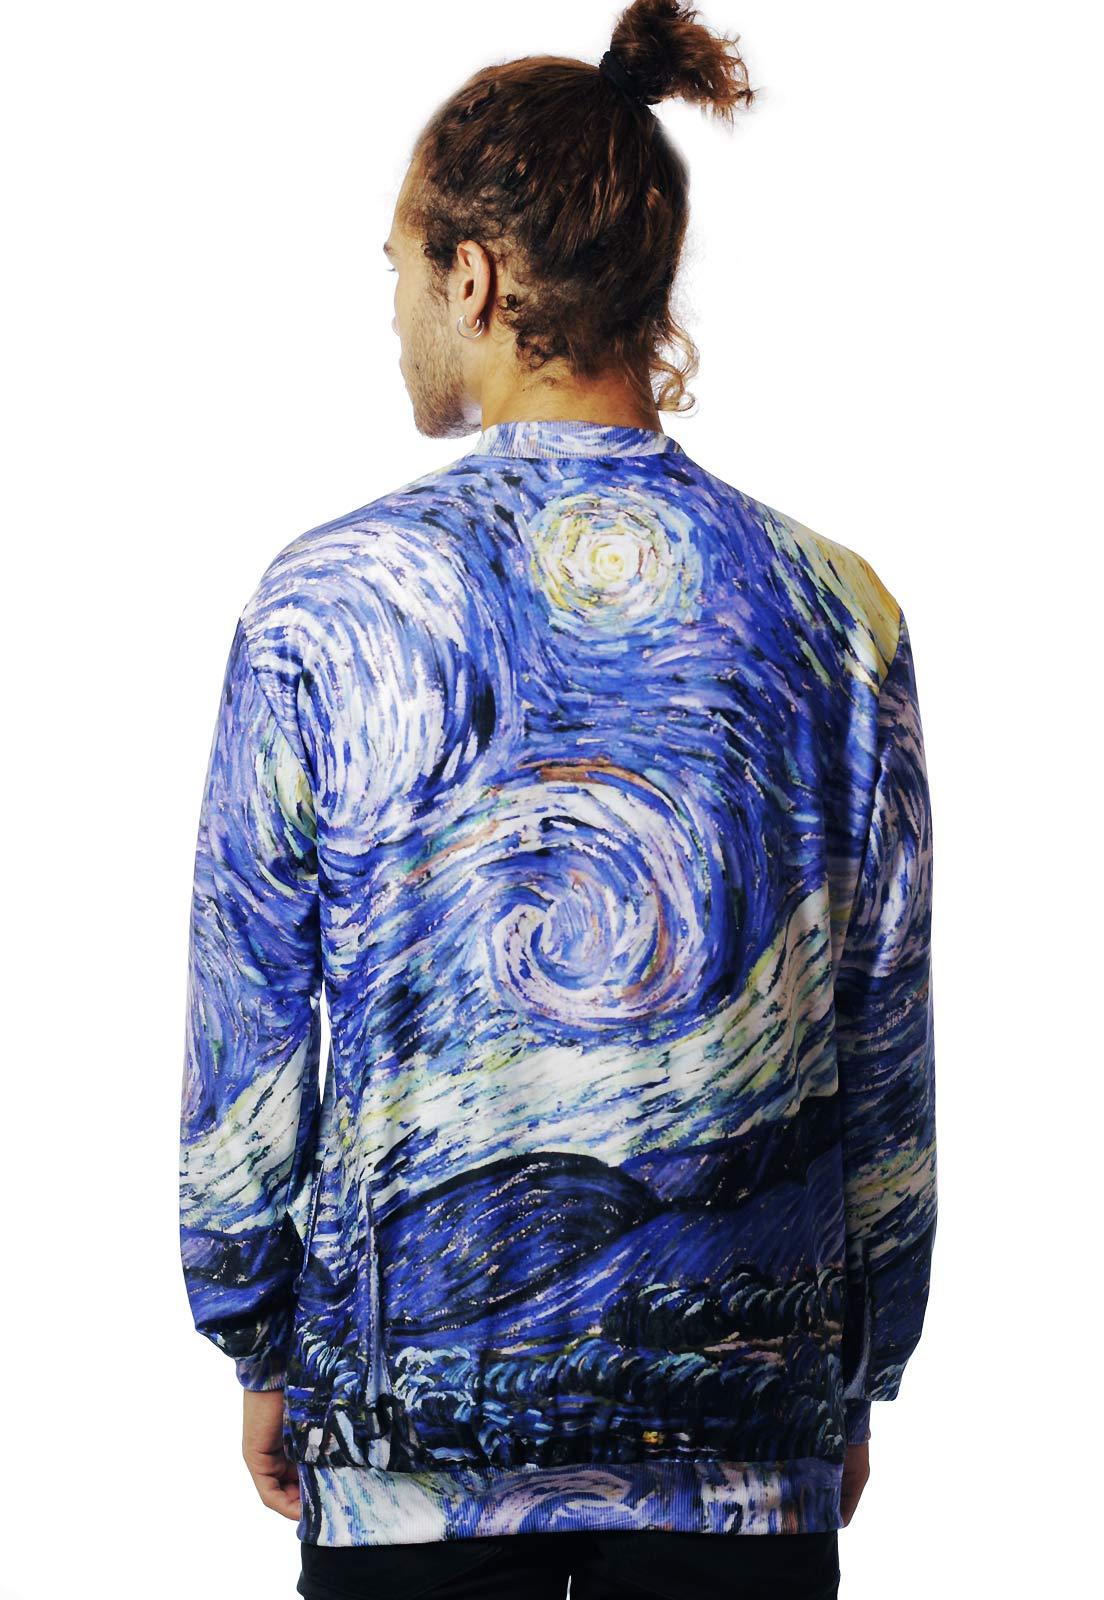 Jaqueta Van Gogh Bomber Estampada ElephunK Full Print Unissex Noite Estrelada